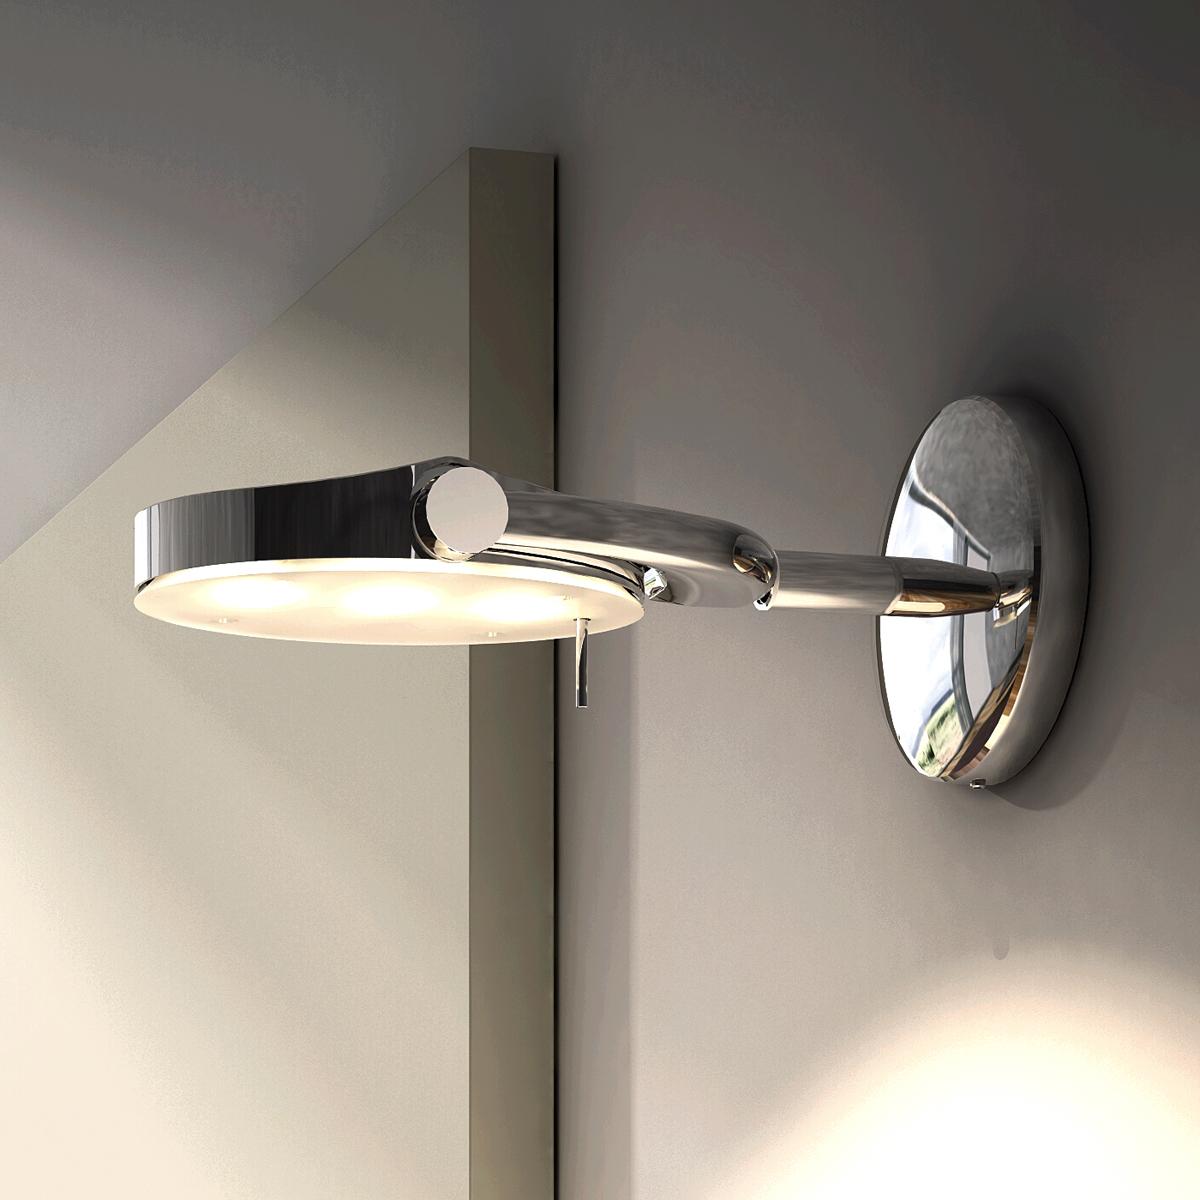 milan perceval led 6337 wandleuchte. Black Bedroom Furniture Sets. Home Design Ideas